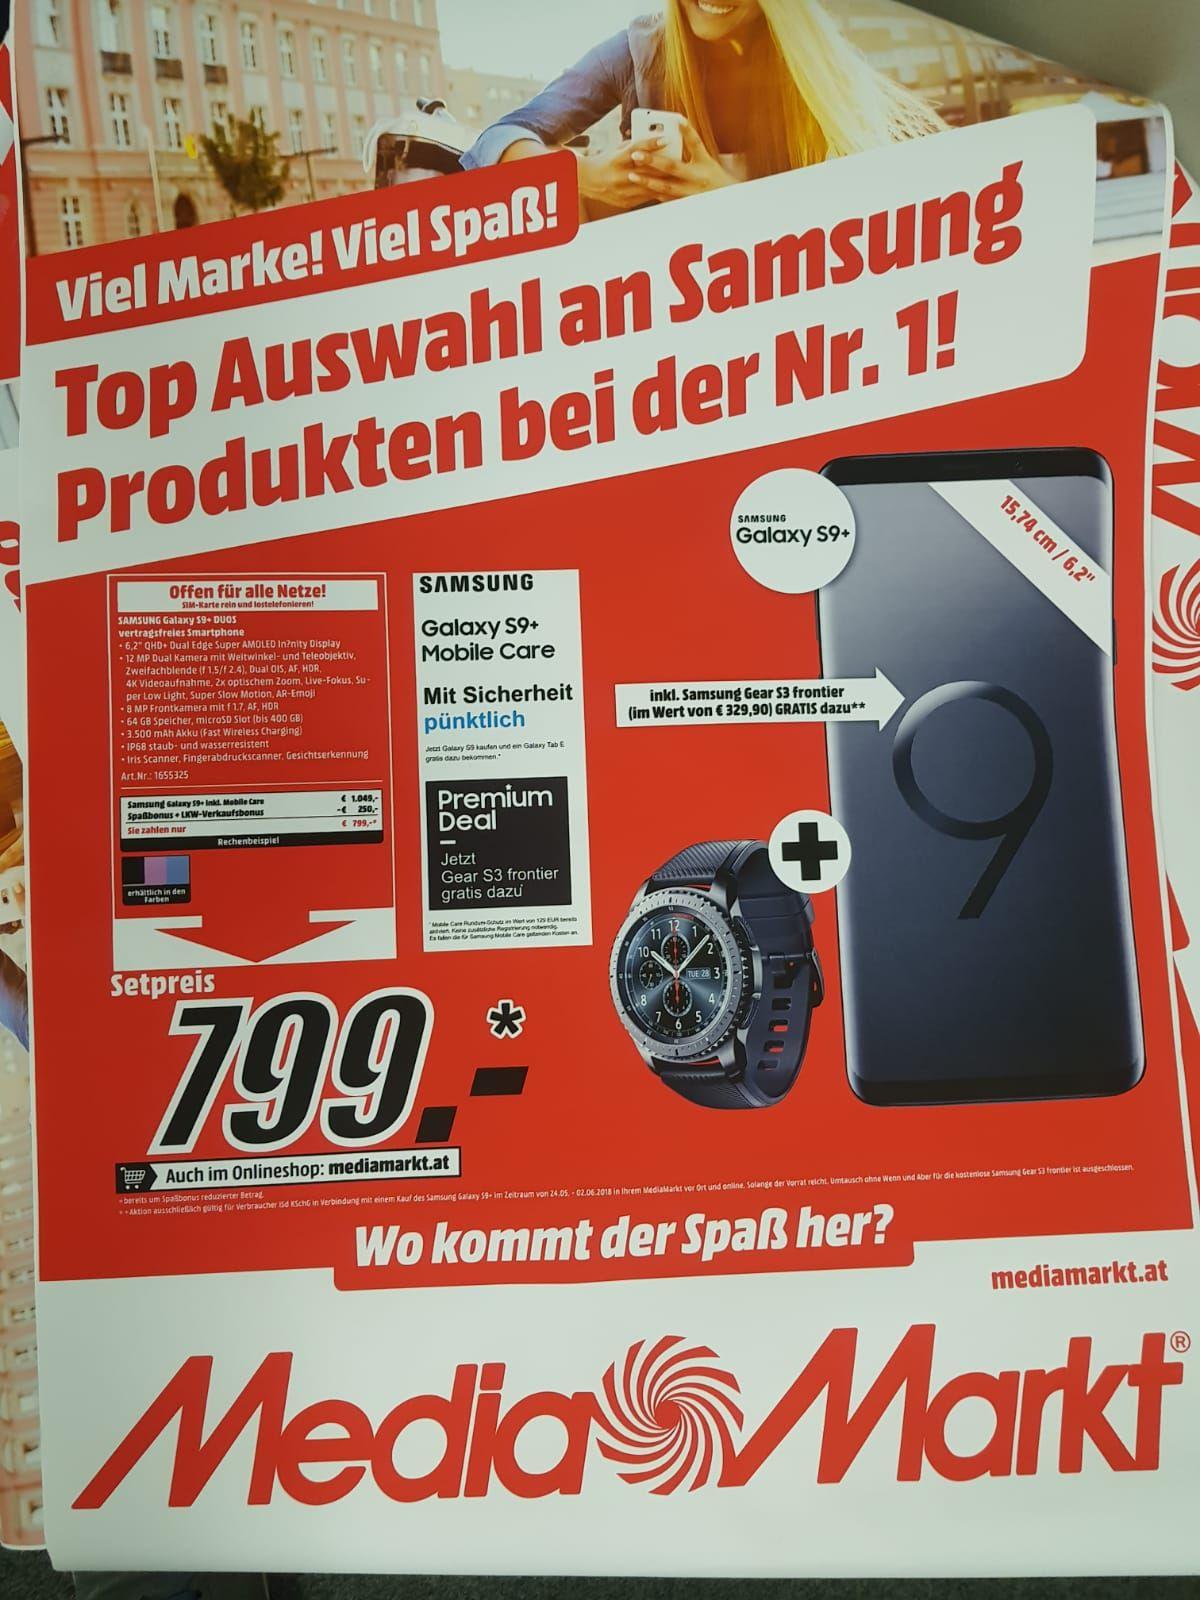 Samsung Galaxy S9+ Angebot + Gear S3 Frontier + Samsung Mobile Care Versicherung !!Nur Media Markt Seiersberg!!